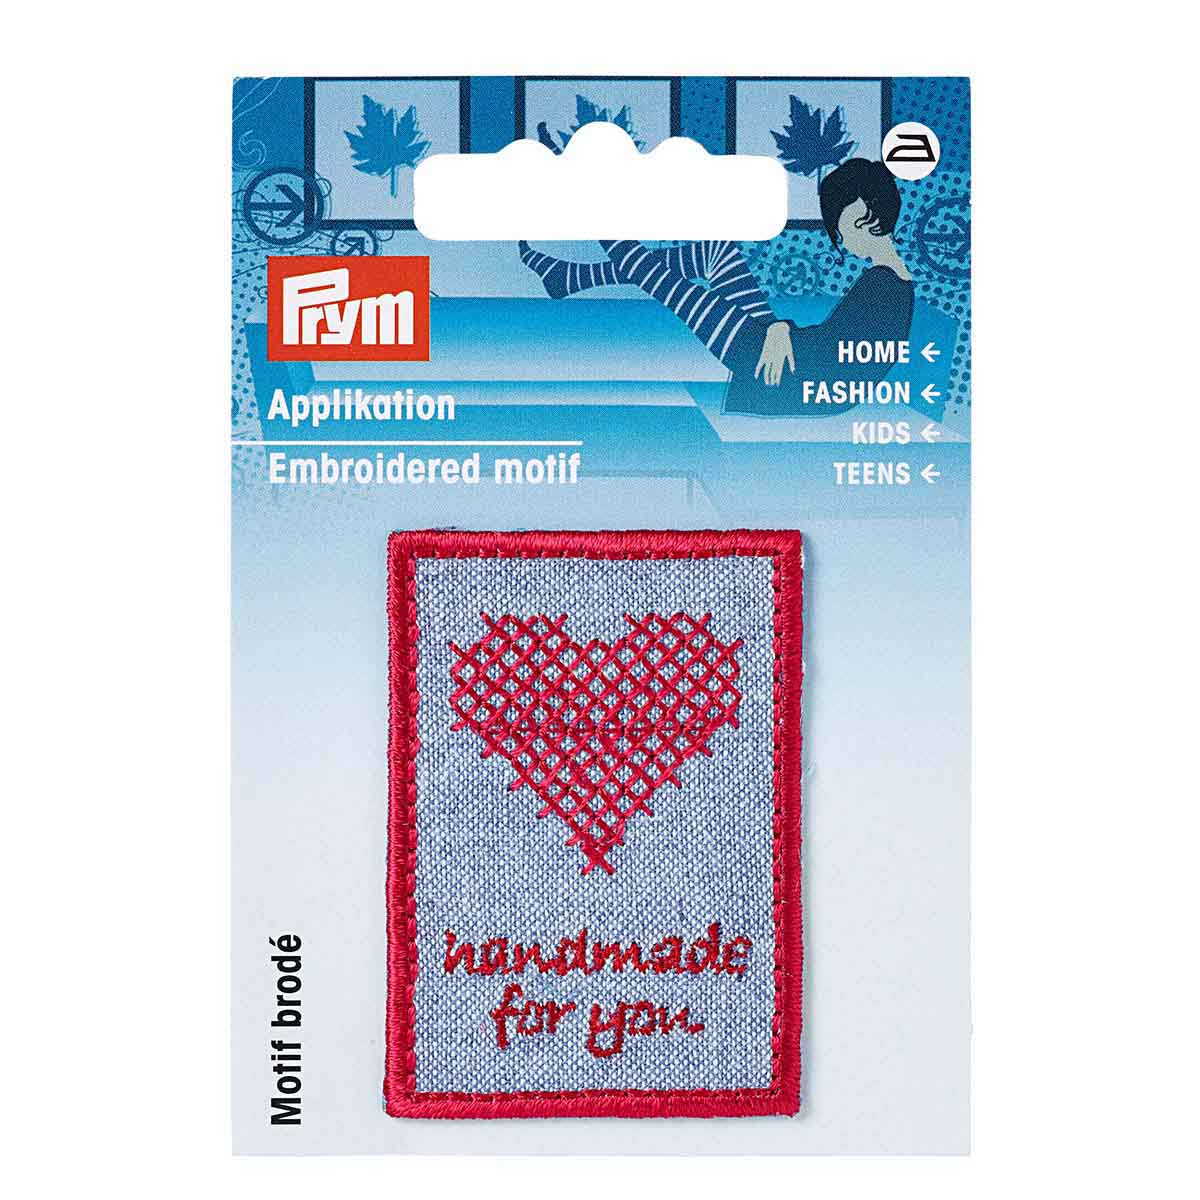 926046 Термоаппликация Handmade 'Вышивка' синий/красный цв. 1шт Prym